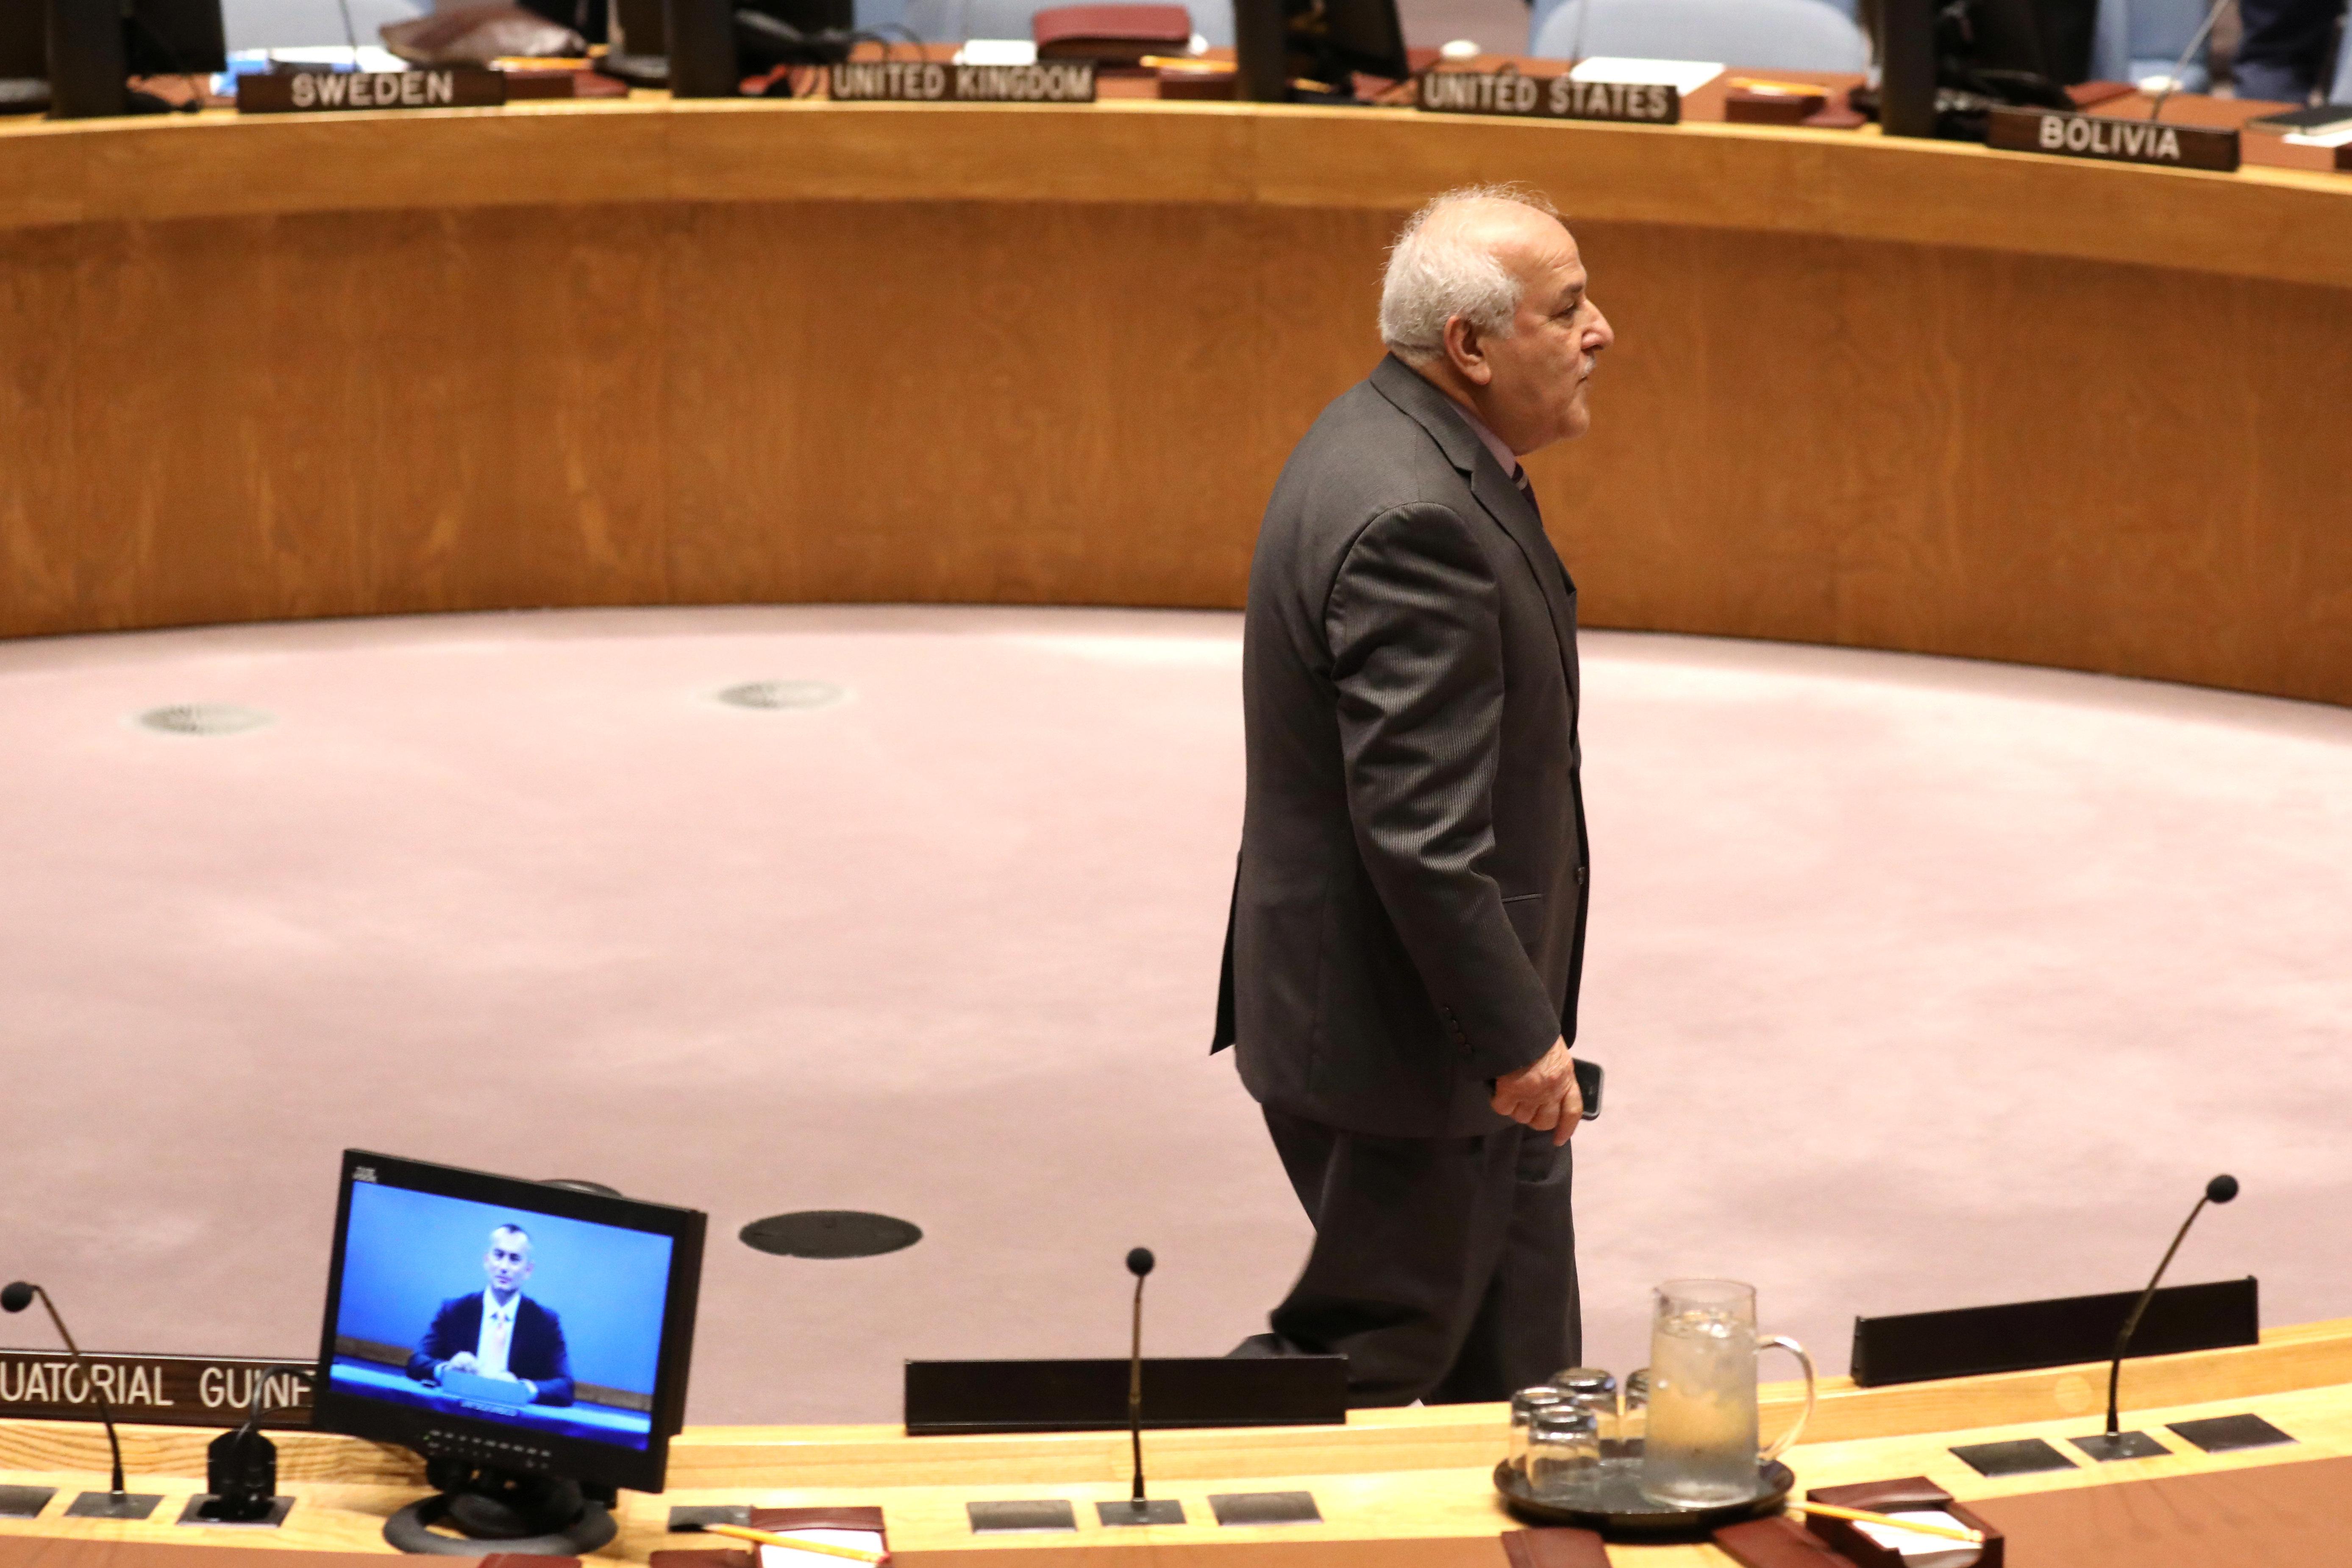 Οι ΗΠΑ αρνήθηκαν την έκδοση βίζας σε παλαιστινιακή αντιπροσωπεία για τον